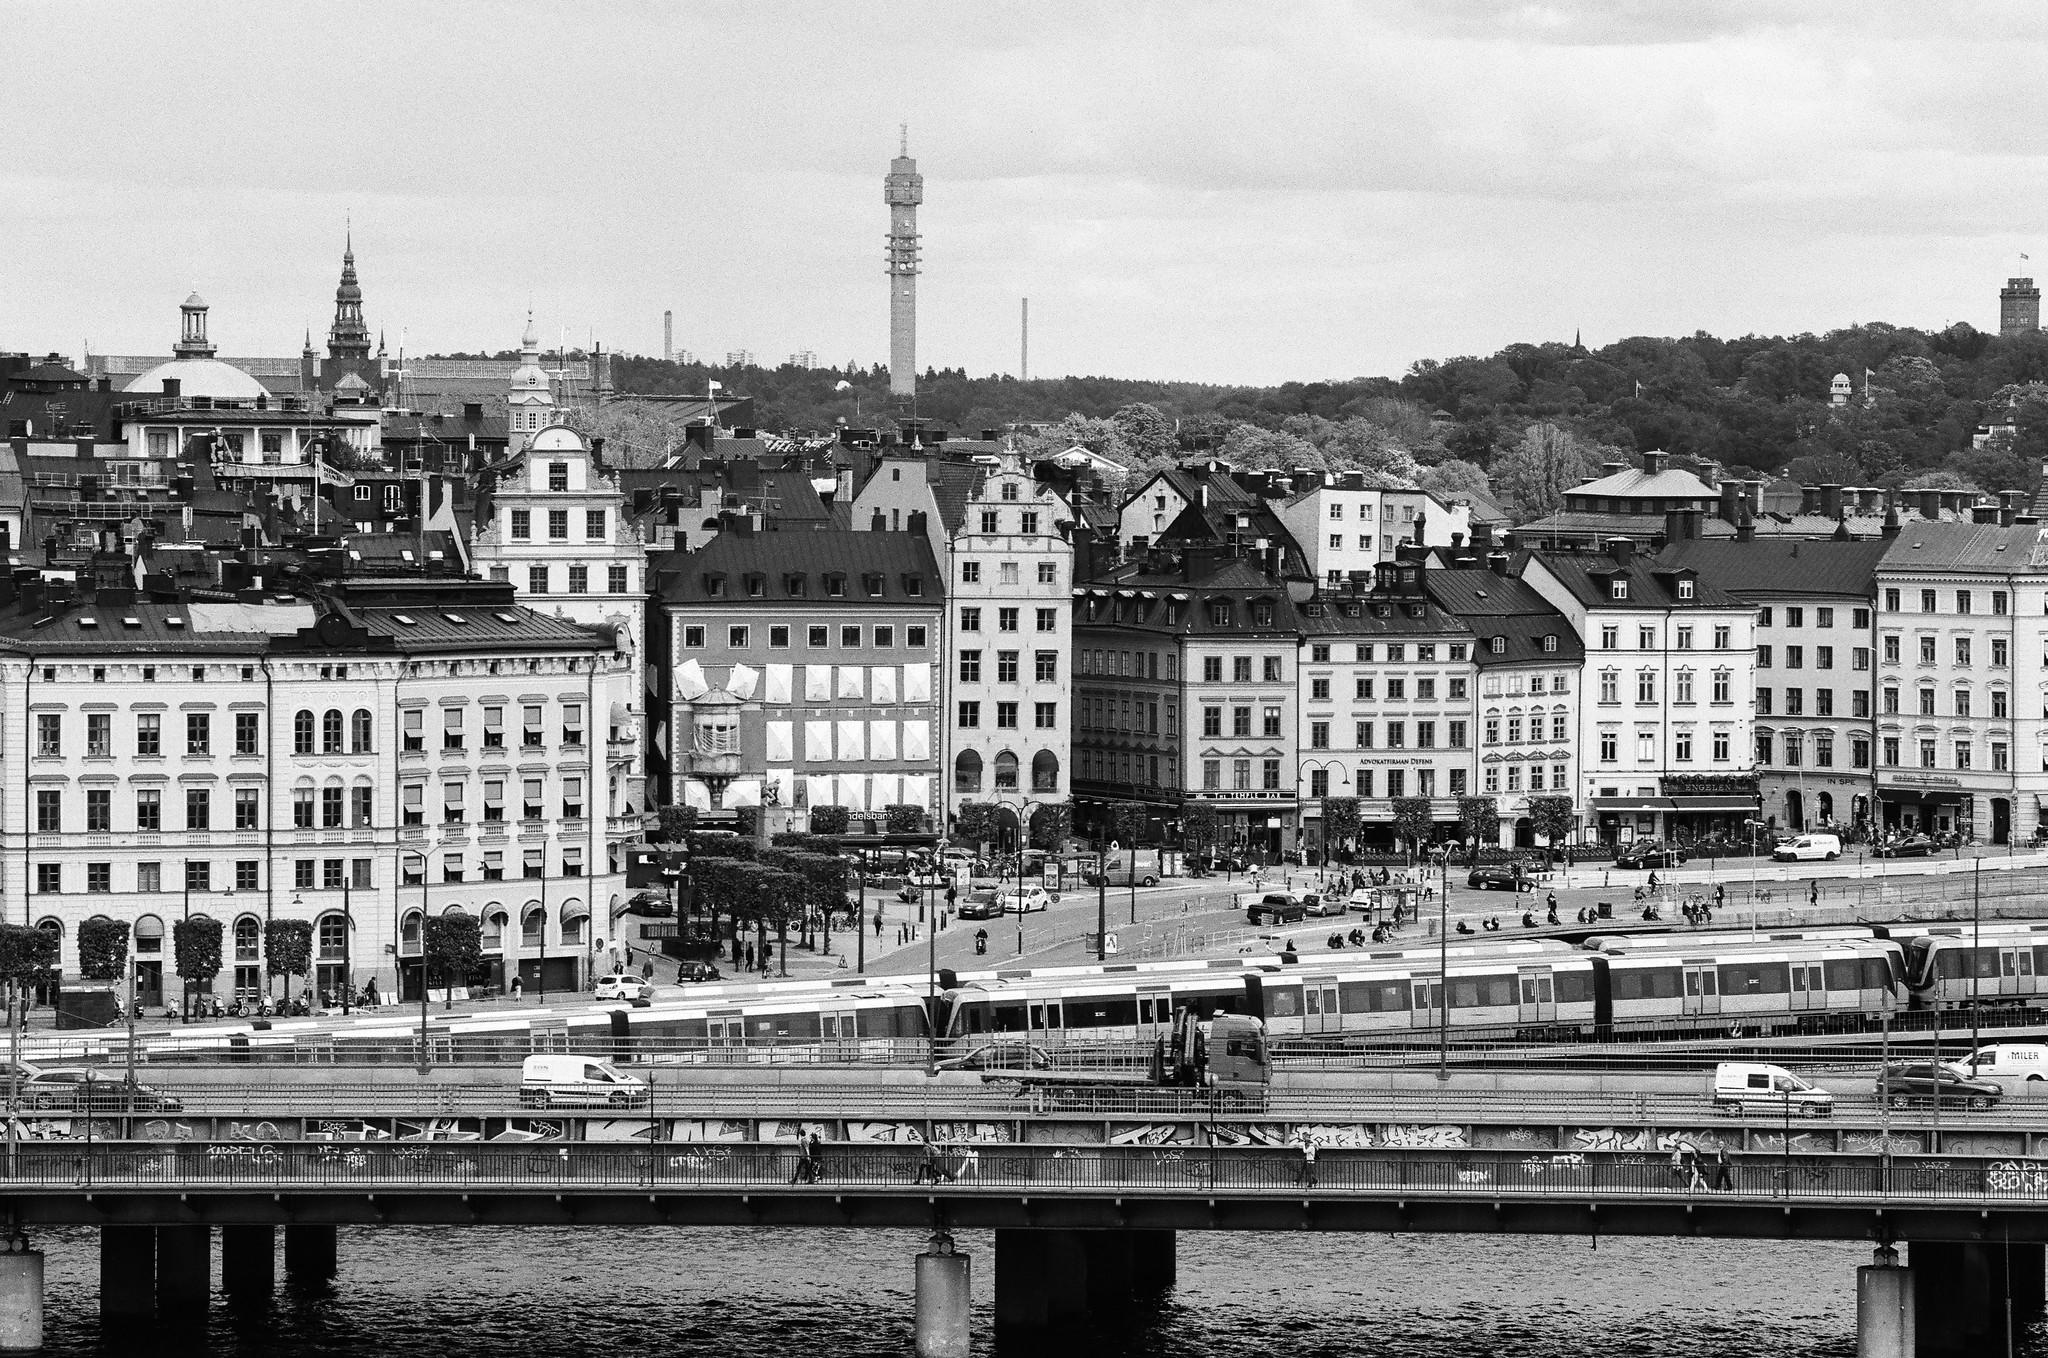 Stockholm Transportation